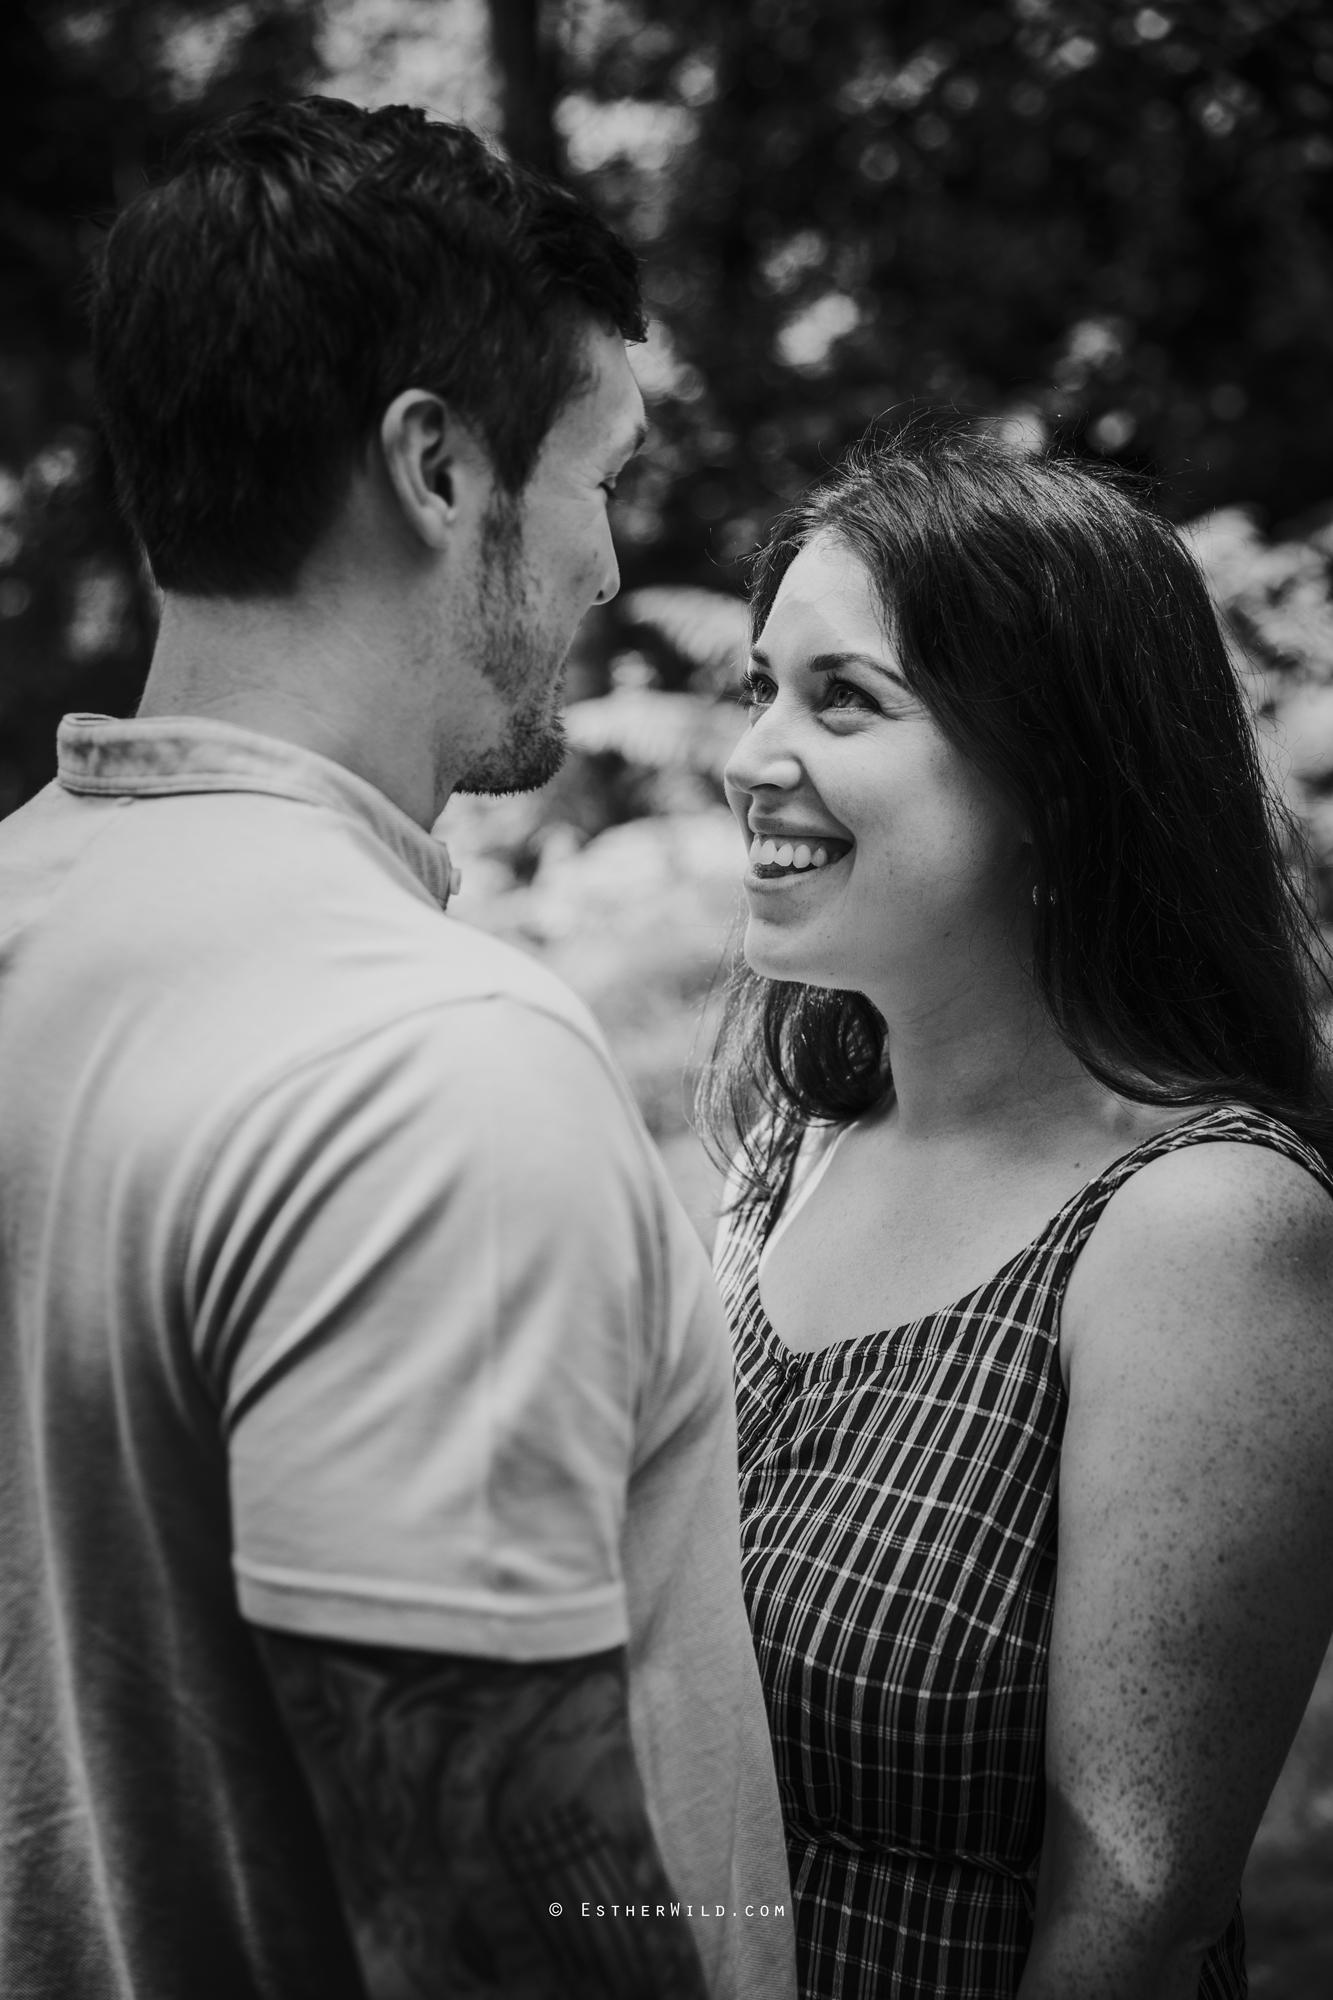 Sandringham_Photo_Session_Engagement_Love_Pre-Wedding_IMG_2931-2.jpg